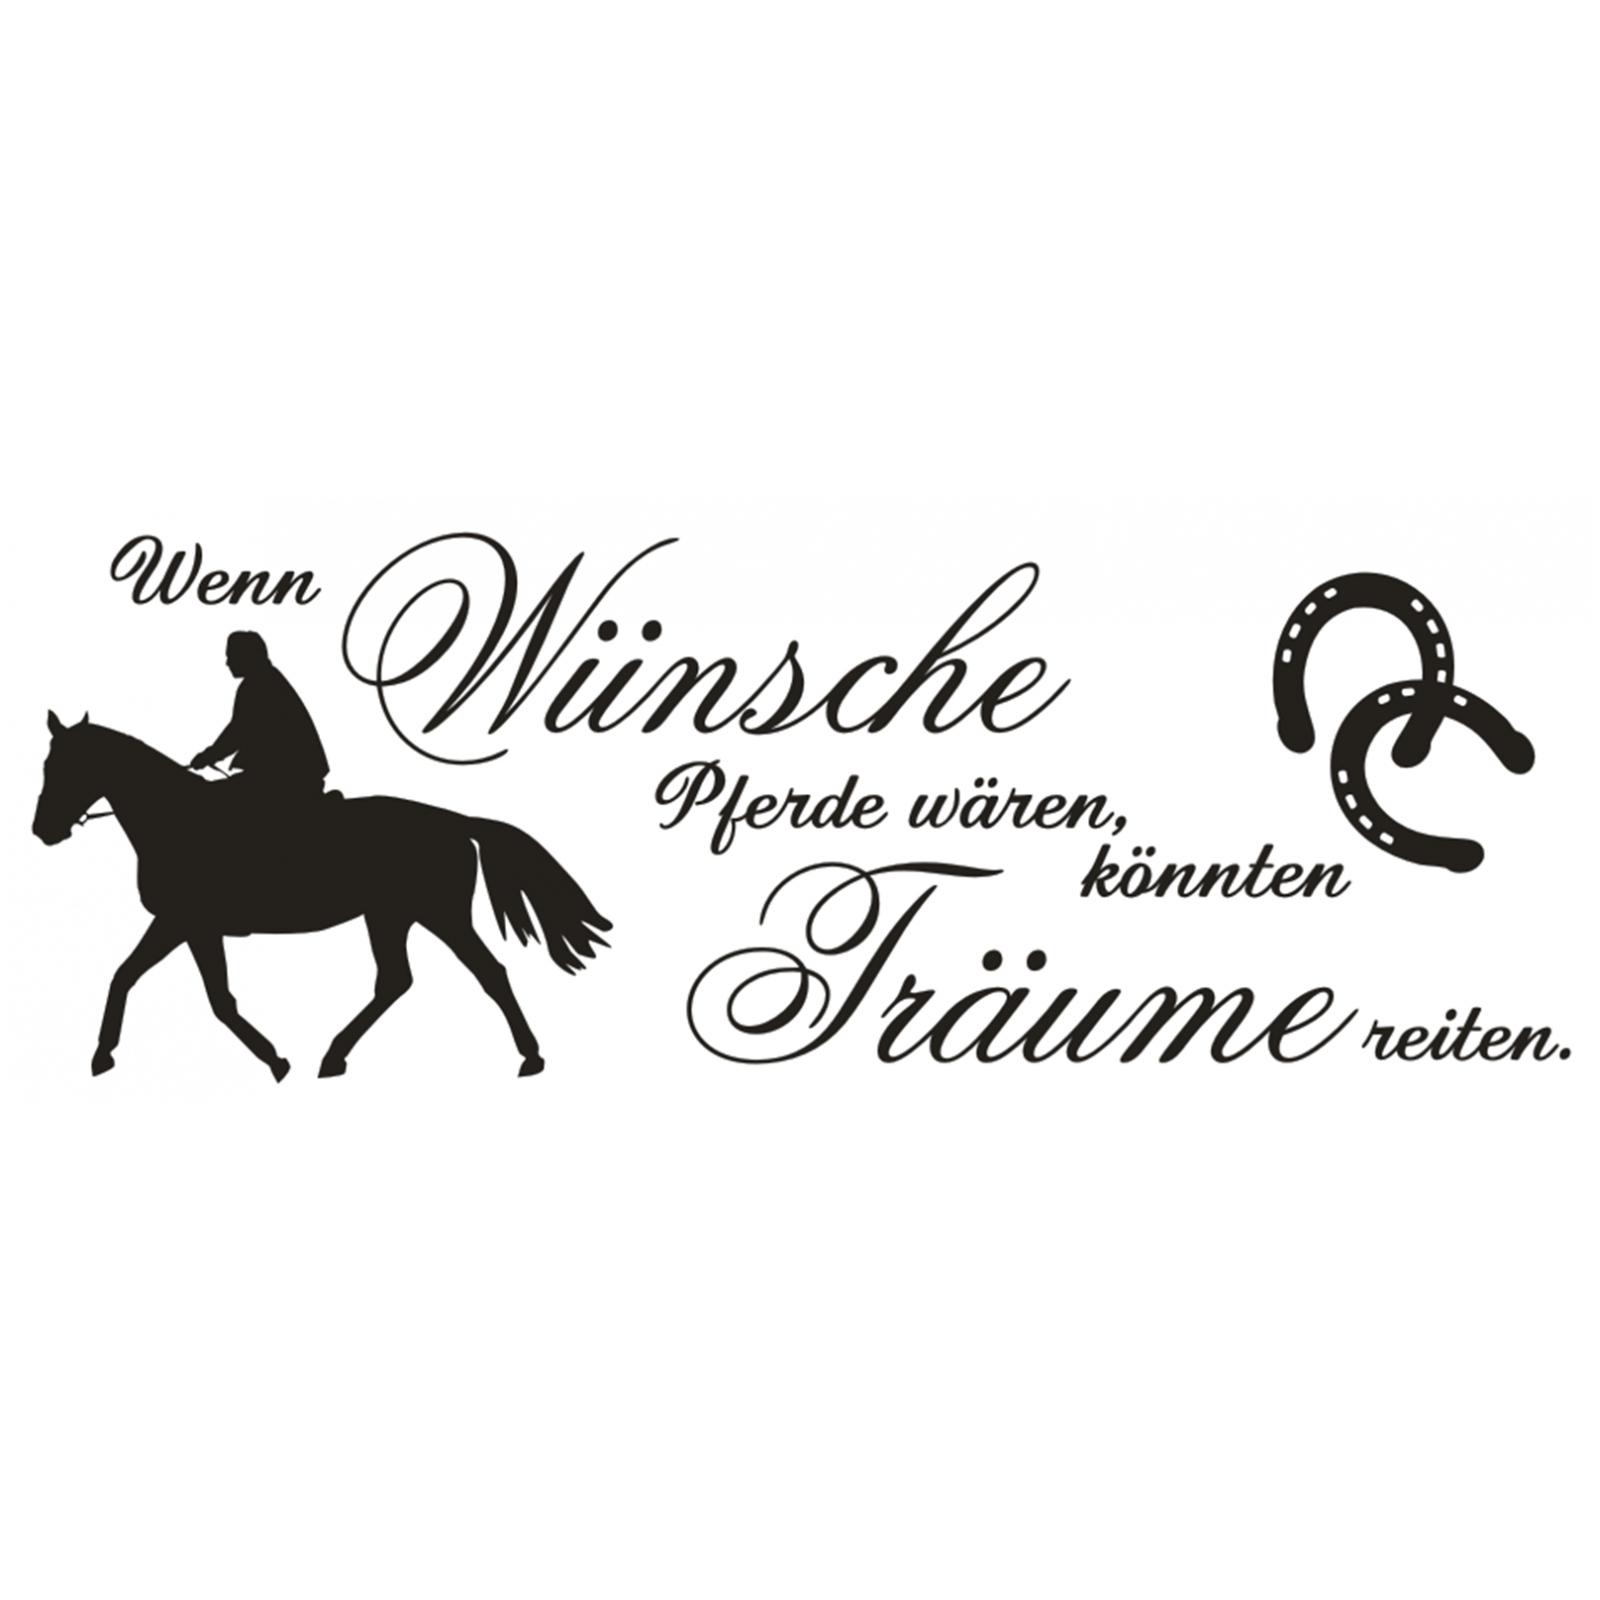 wandtattoo spruch w nsche pferde tr ume reiten wandaufkleber wandsticker 3 ebay. Black Bedroom Furniture Sets. Home Design Ideas